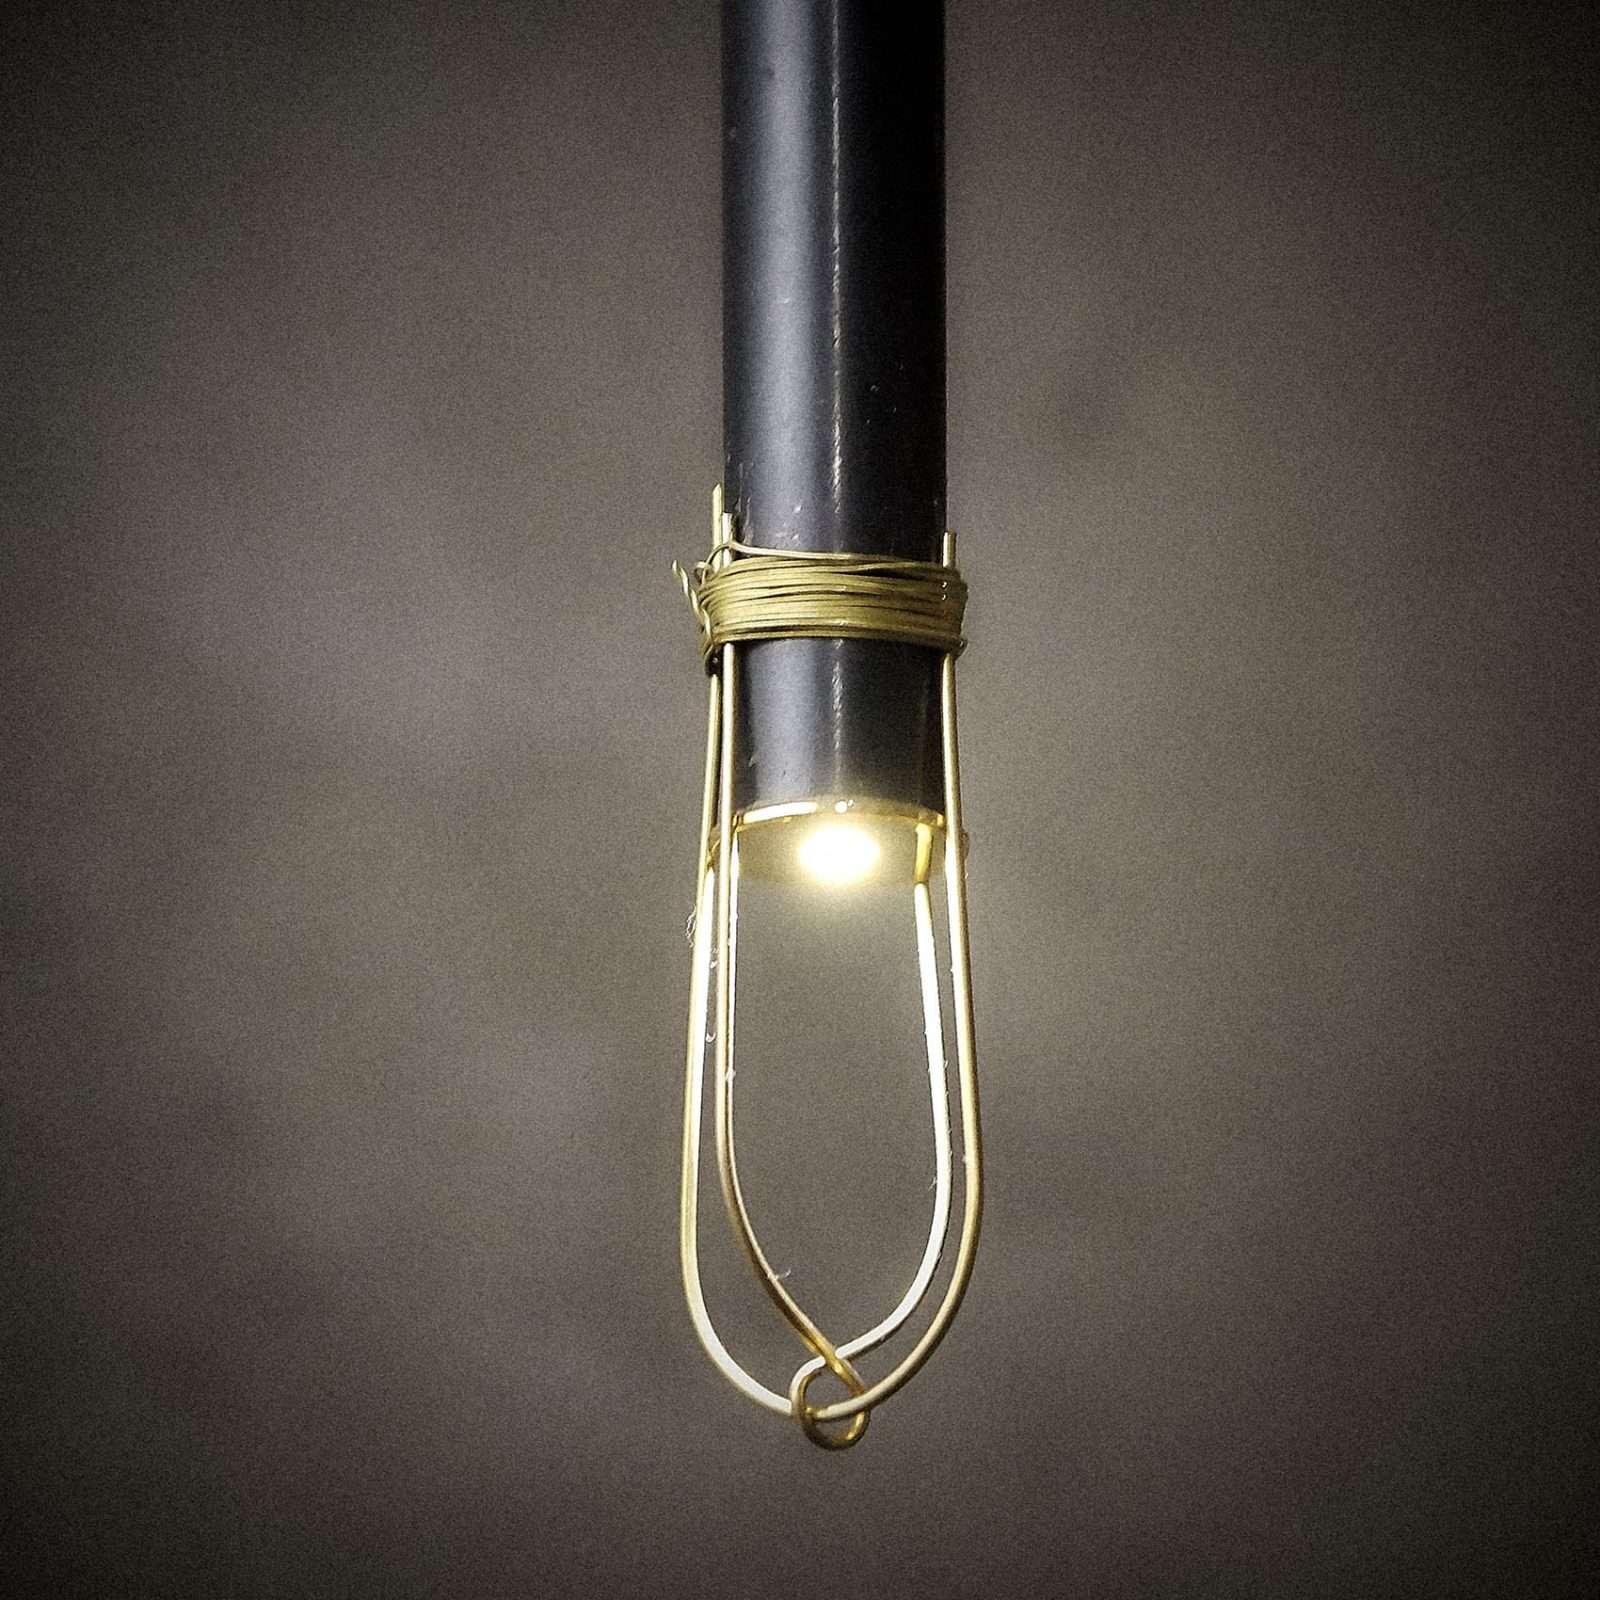 lampada led in filo di ottone e ferro